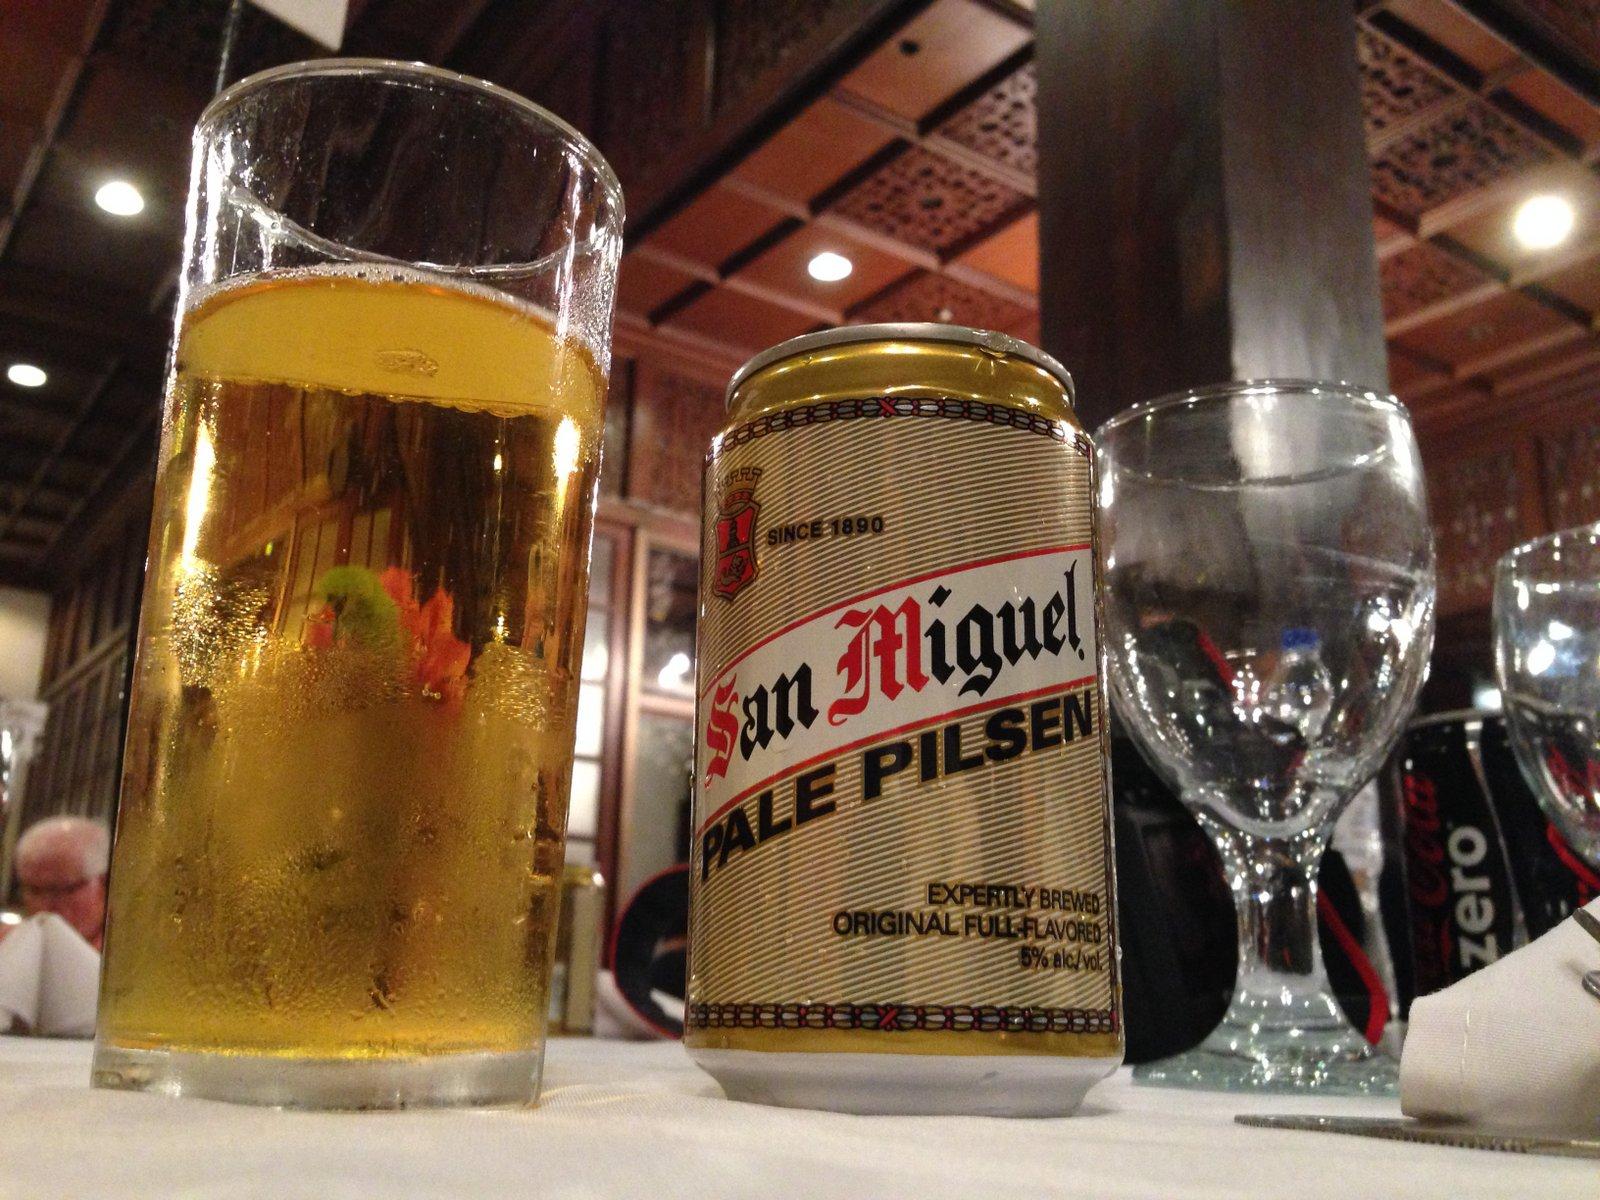 Une bière San Miguel aux Philippines